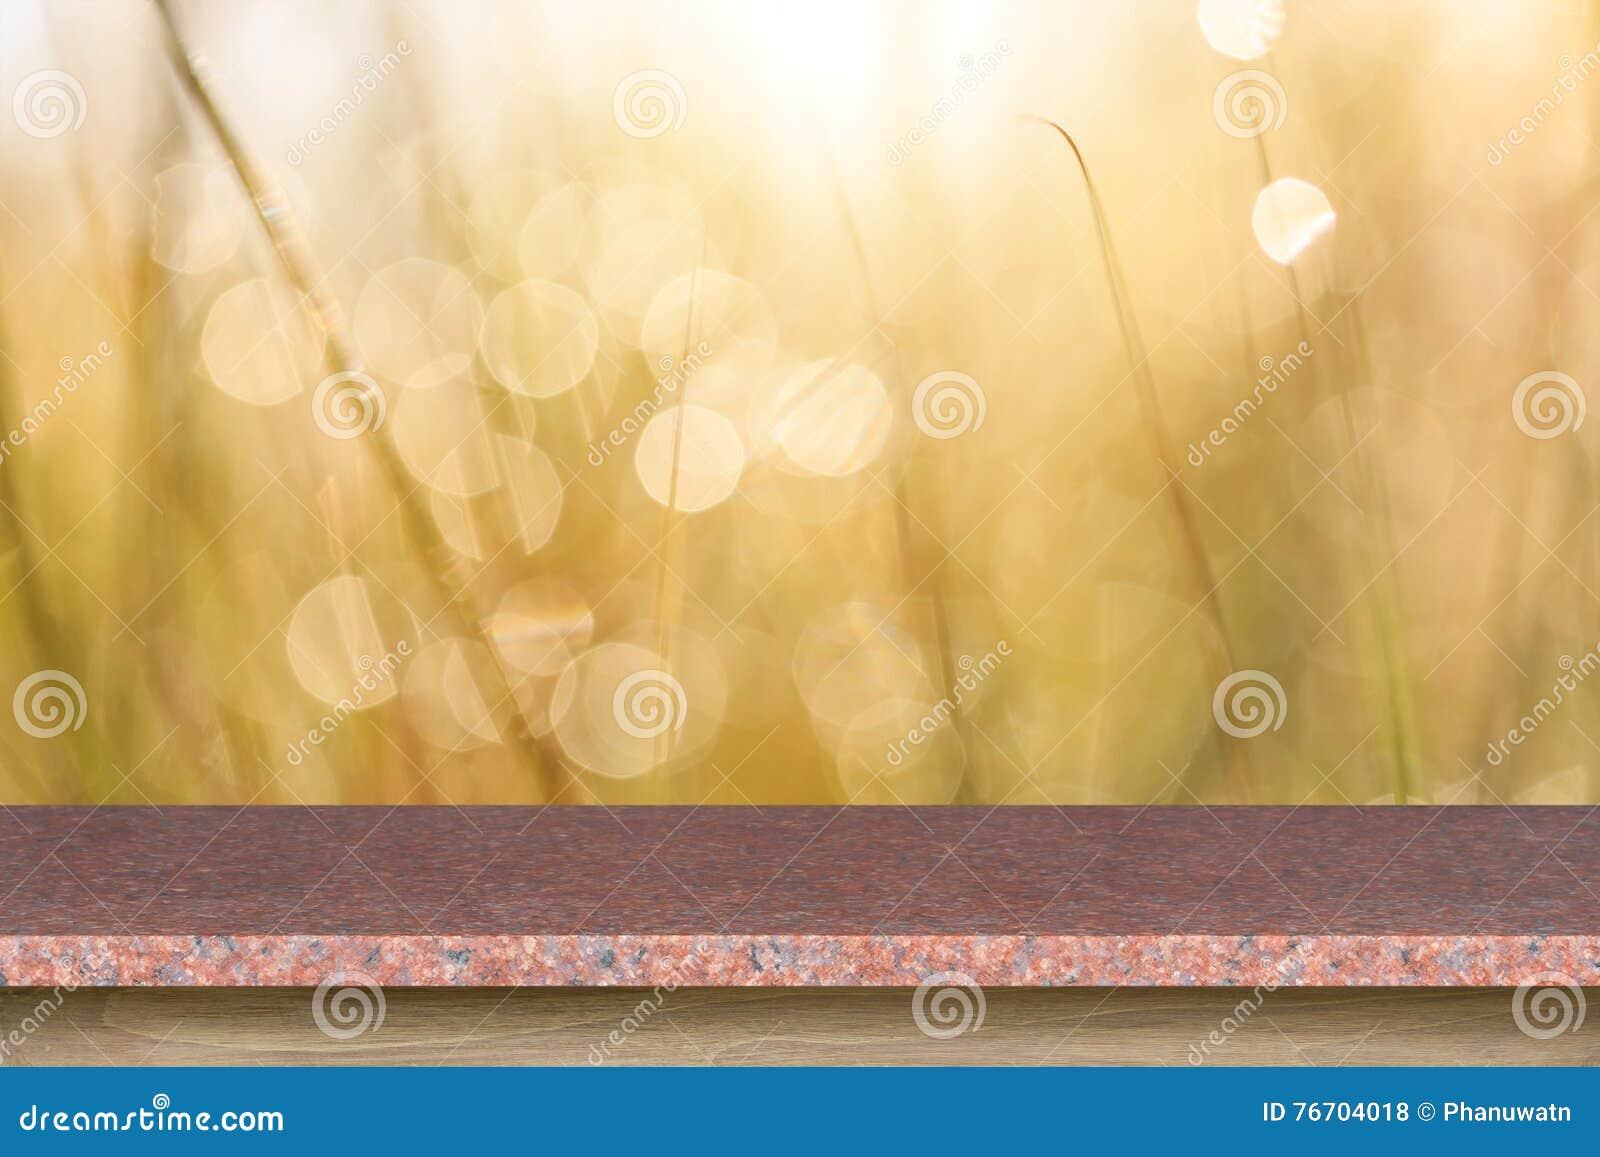 Granitstentabell eller räknare på abstrakt suddig bakgrund